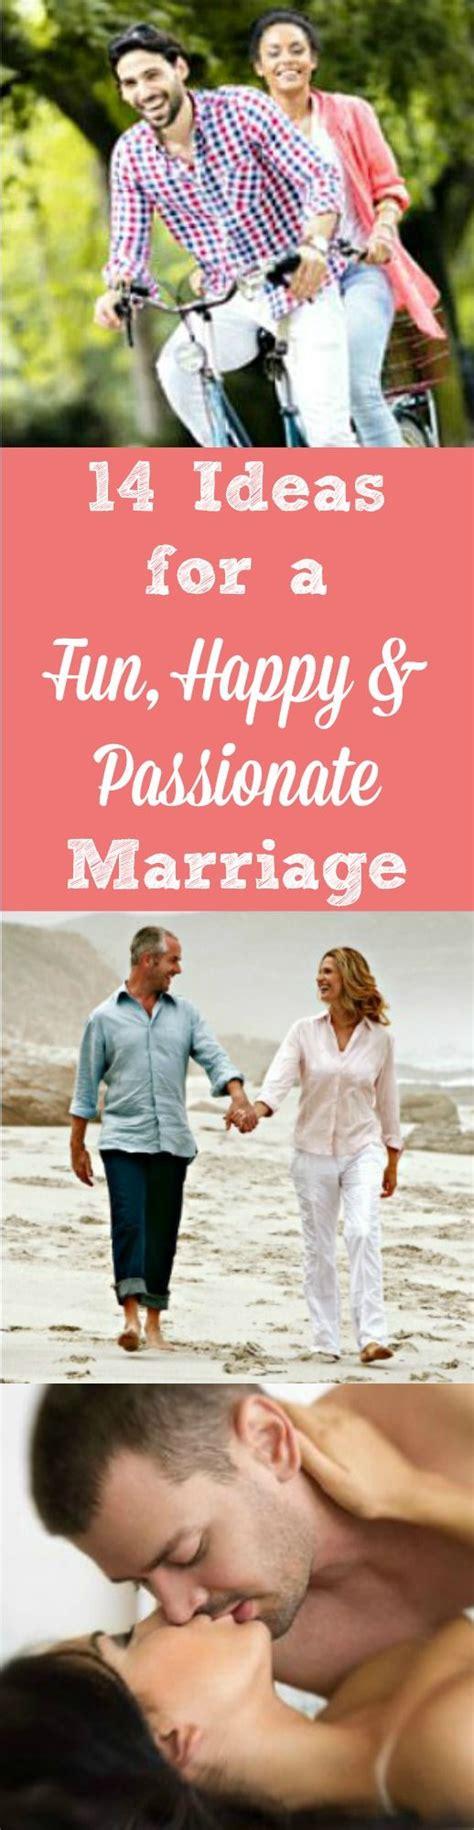 Passionate marriage christian seminars dallas